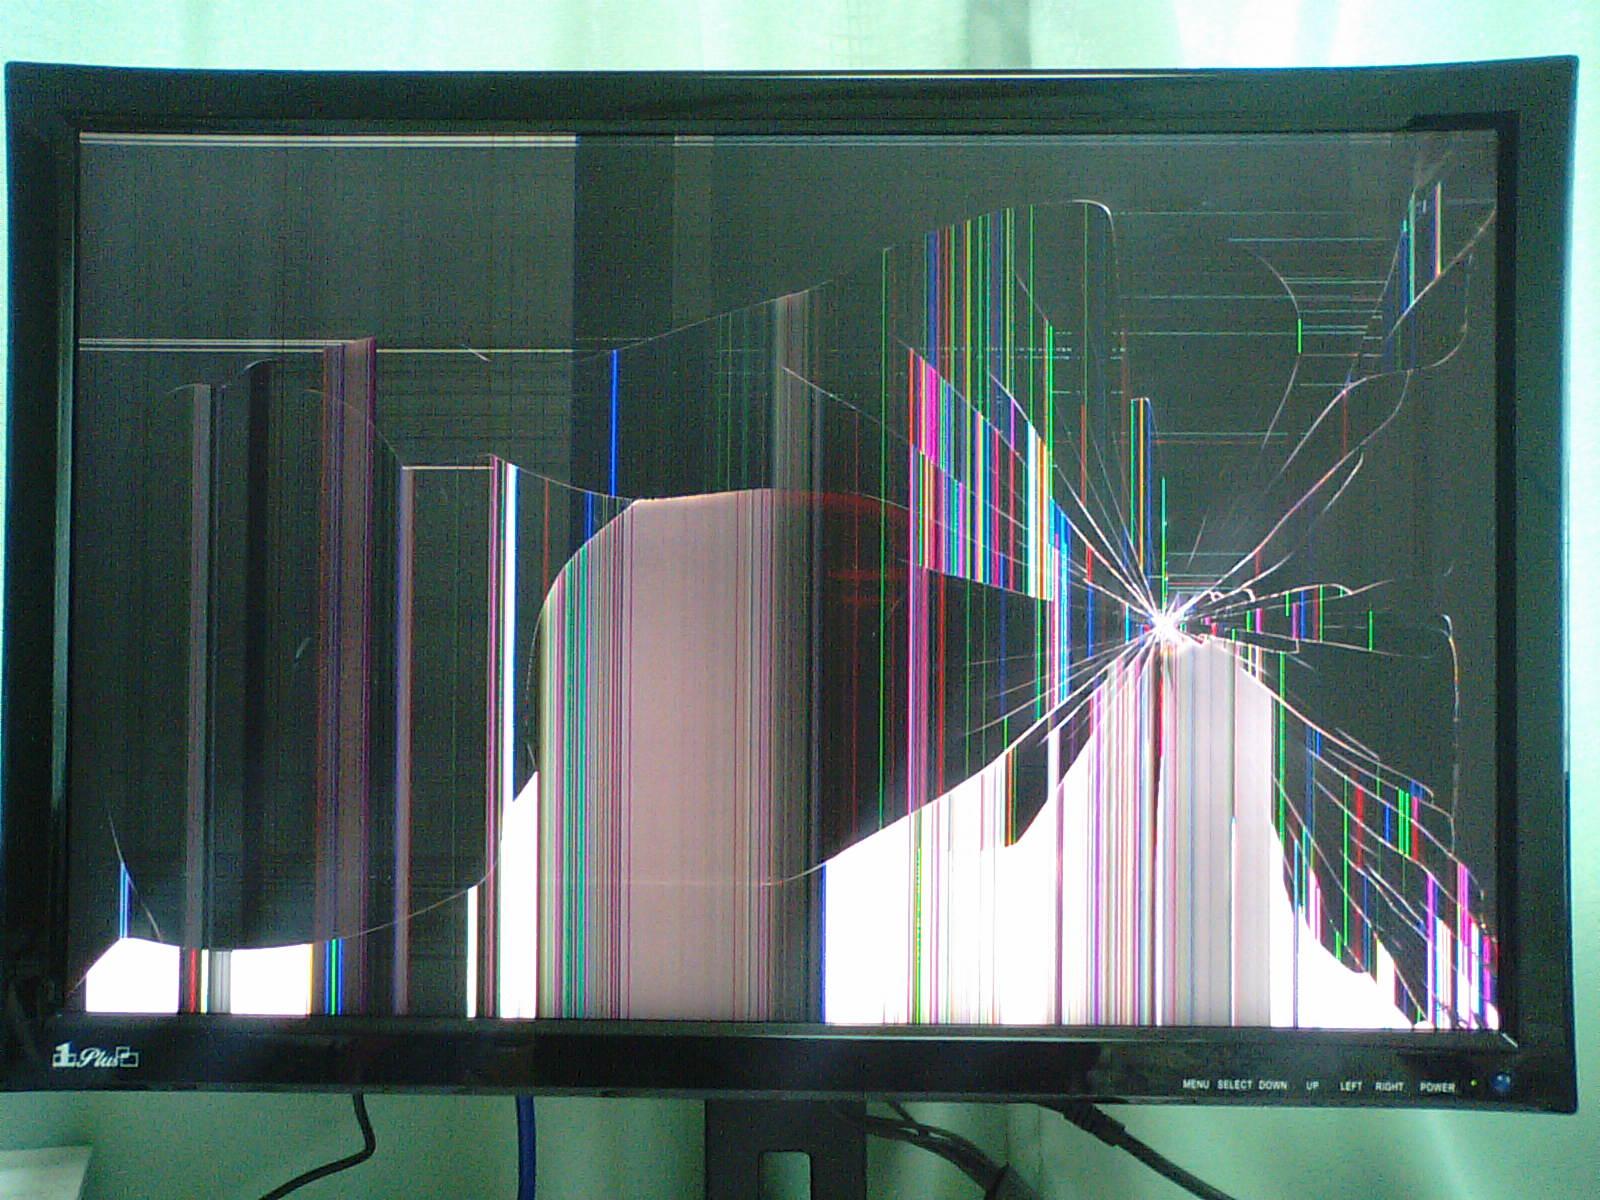 【まるで絵画】壊れた液晶画面がもはやアート【画像集】